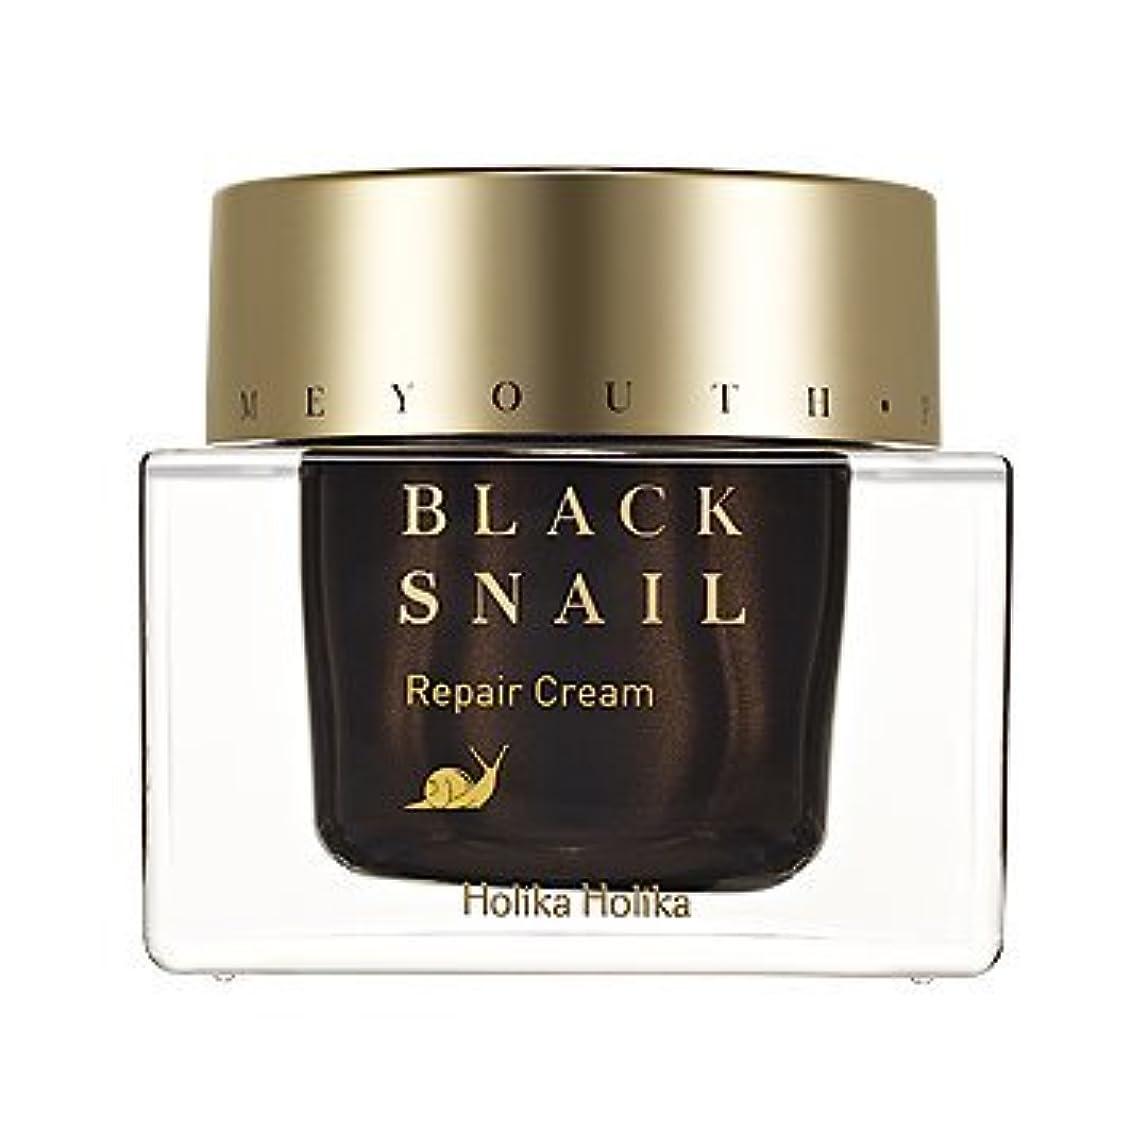 村滑る囲むHolikaHolika(ホリカホリカ) Prime Youth Black Snail Repair Cream プライムユースブラックスネイルクリーム カタツムリ エスカルゴ [並行輸入品]